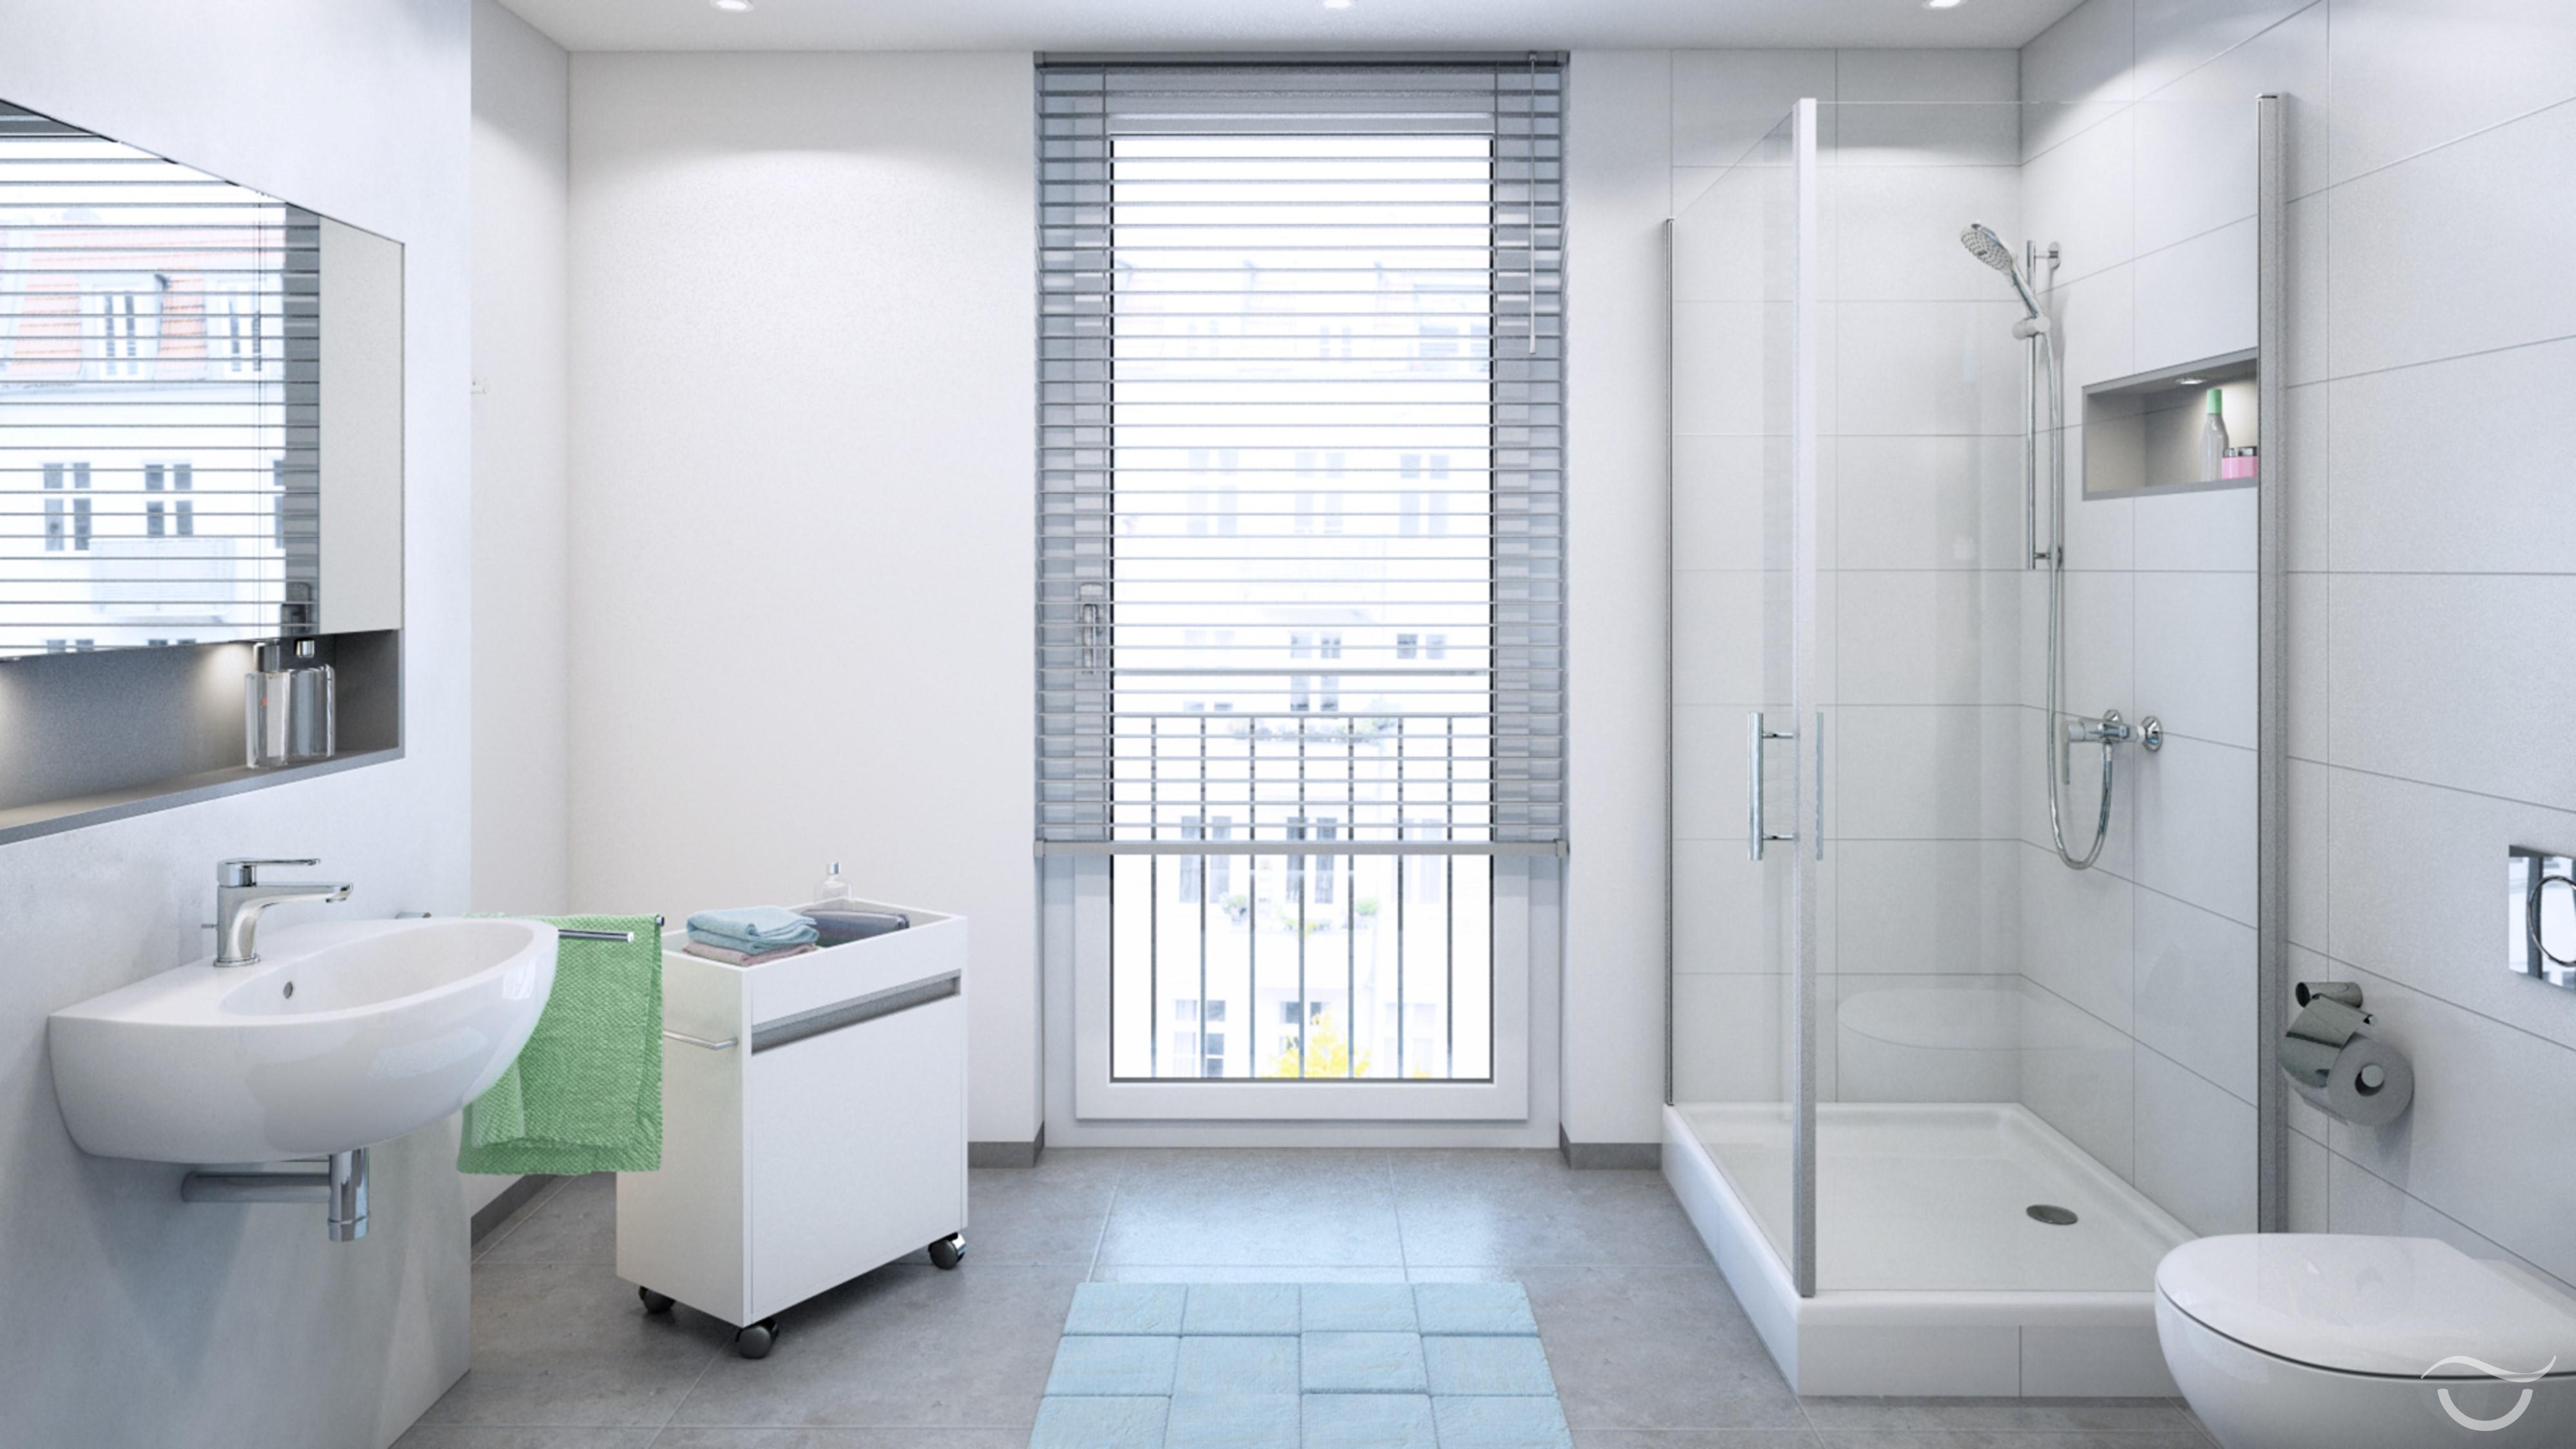 Klassisches und modernes Badezimmer-Design #dusche #...